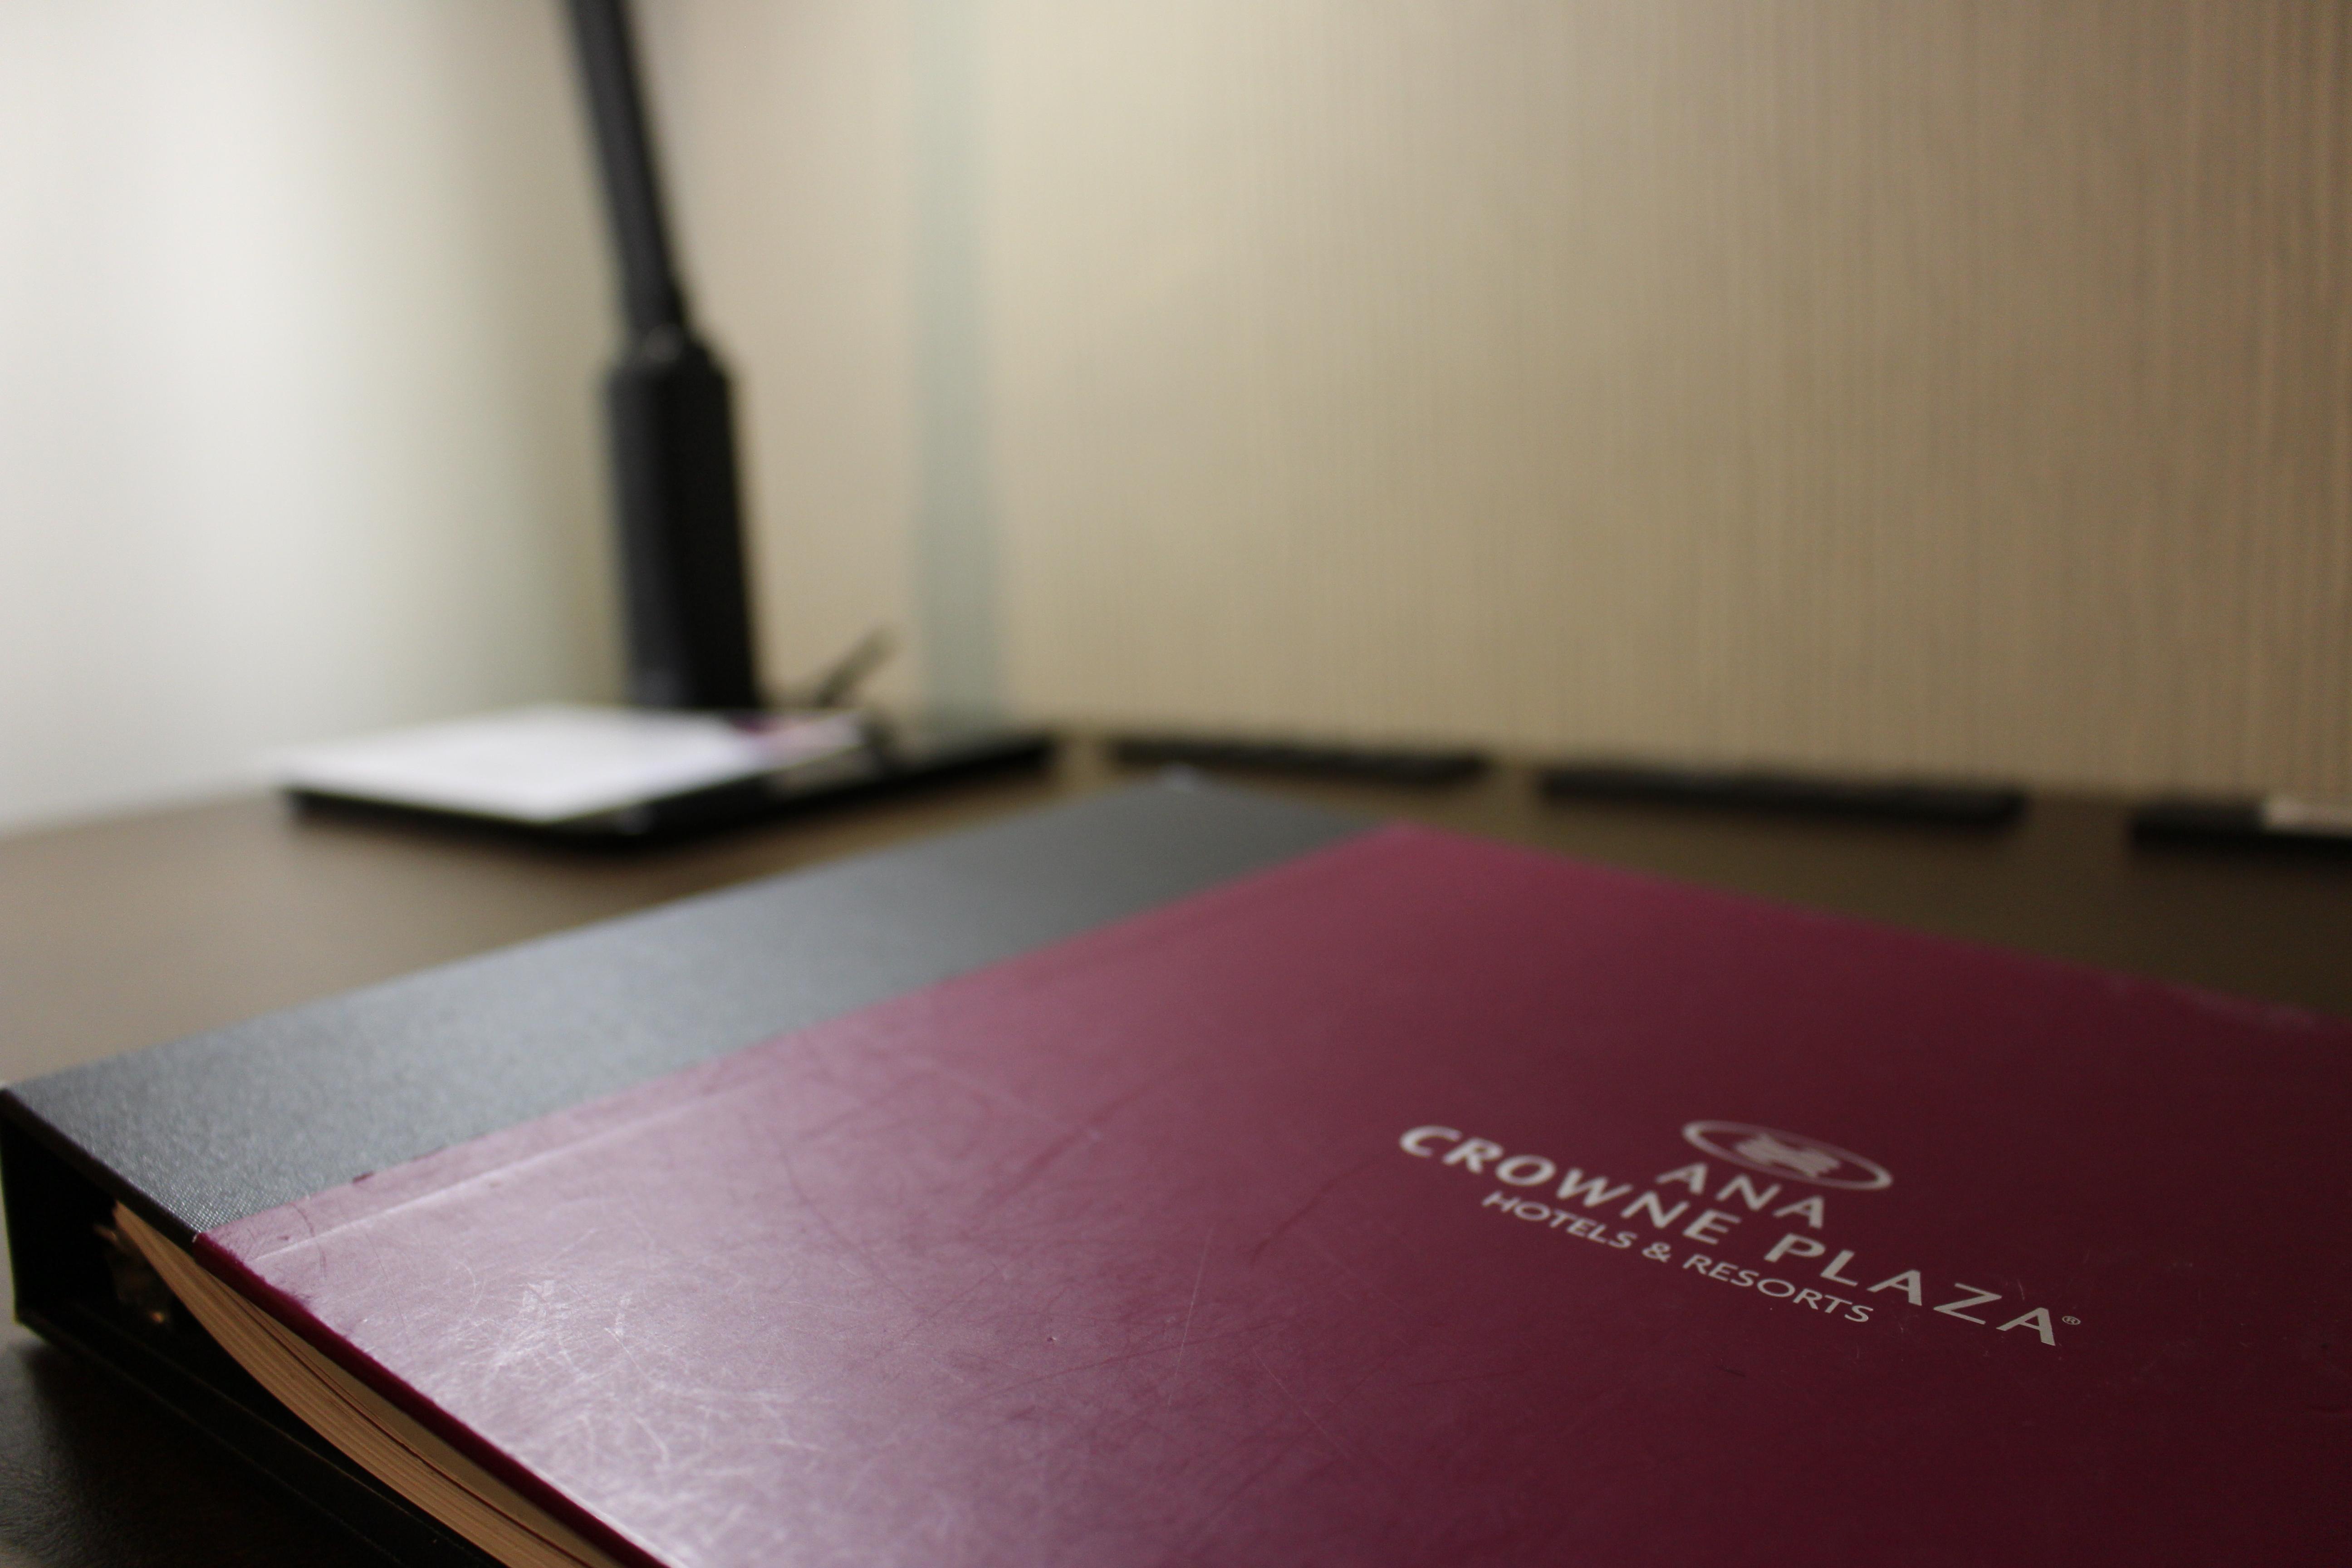 Hotel Review : ANAクラウンプラザホテル グランコート名古屋 (ANA Crowne Plaza Hotel Grand Court Nagoya)